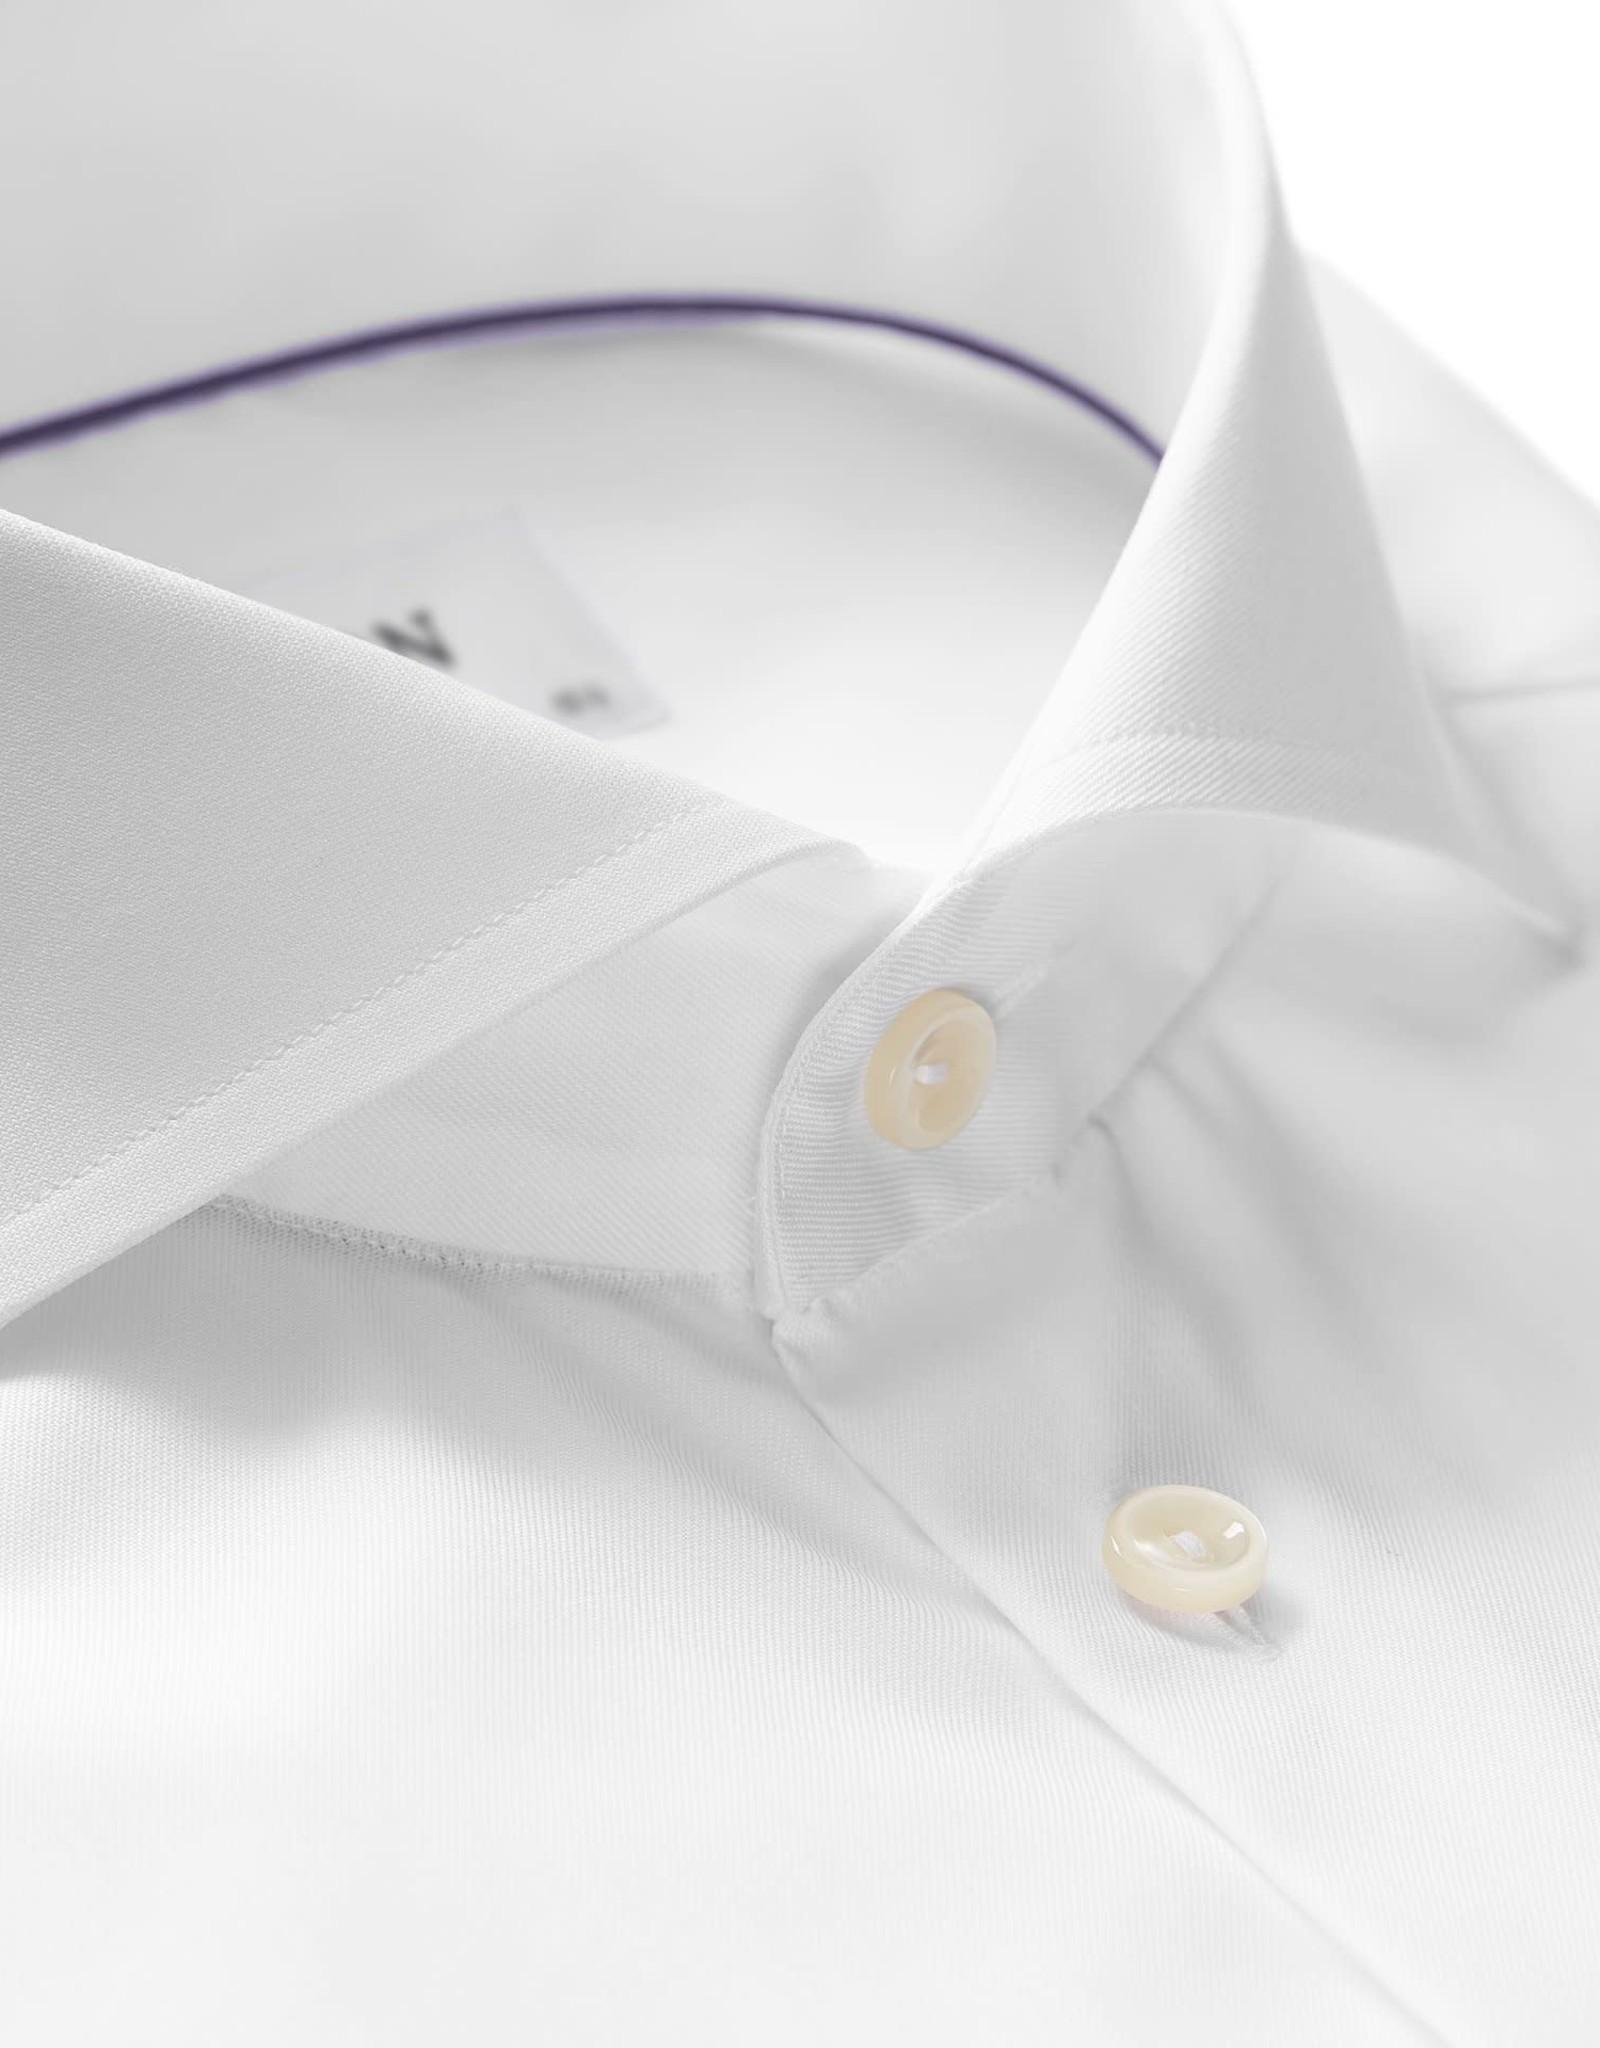 Eton Eton hemd wit super slim 3000-73811/00